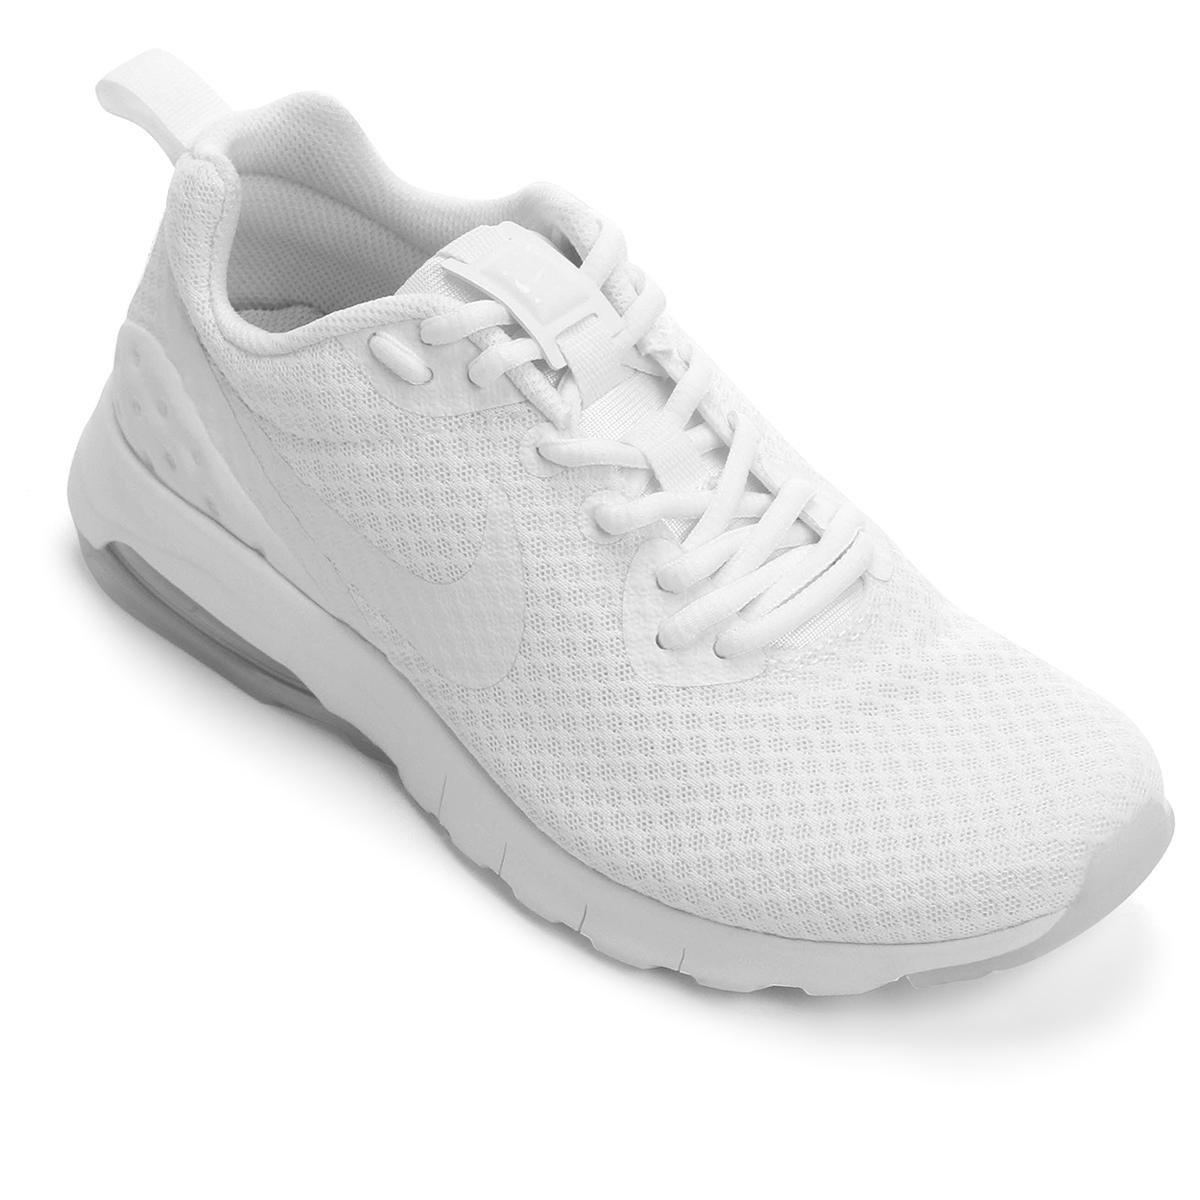 ce08200676 Tênis Nike Air Max Motion Lw Feminino - Compre Agora